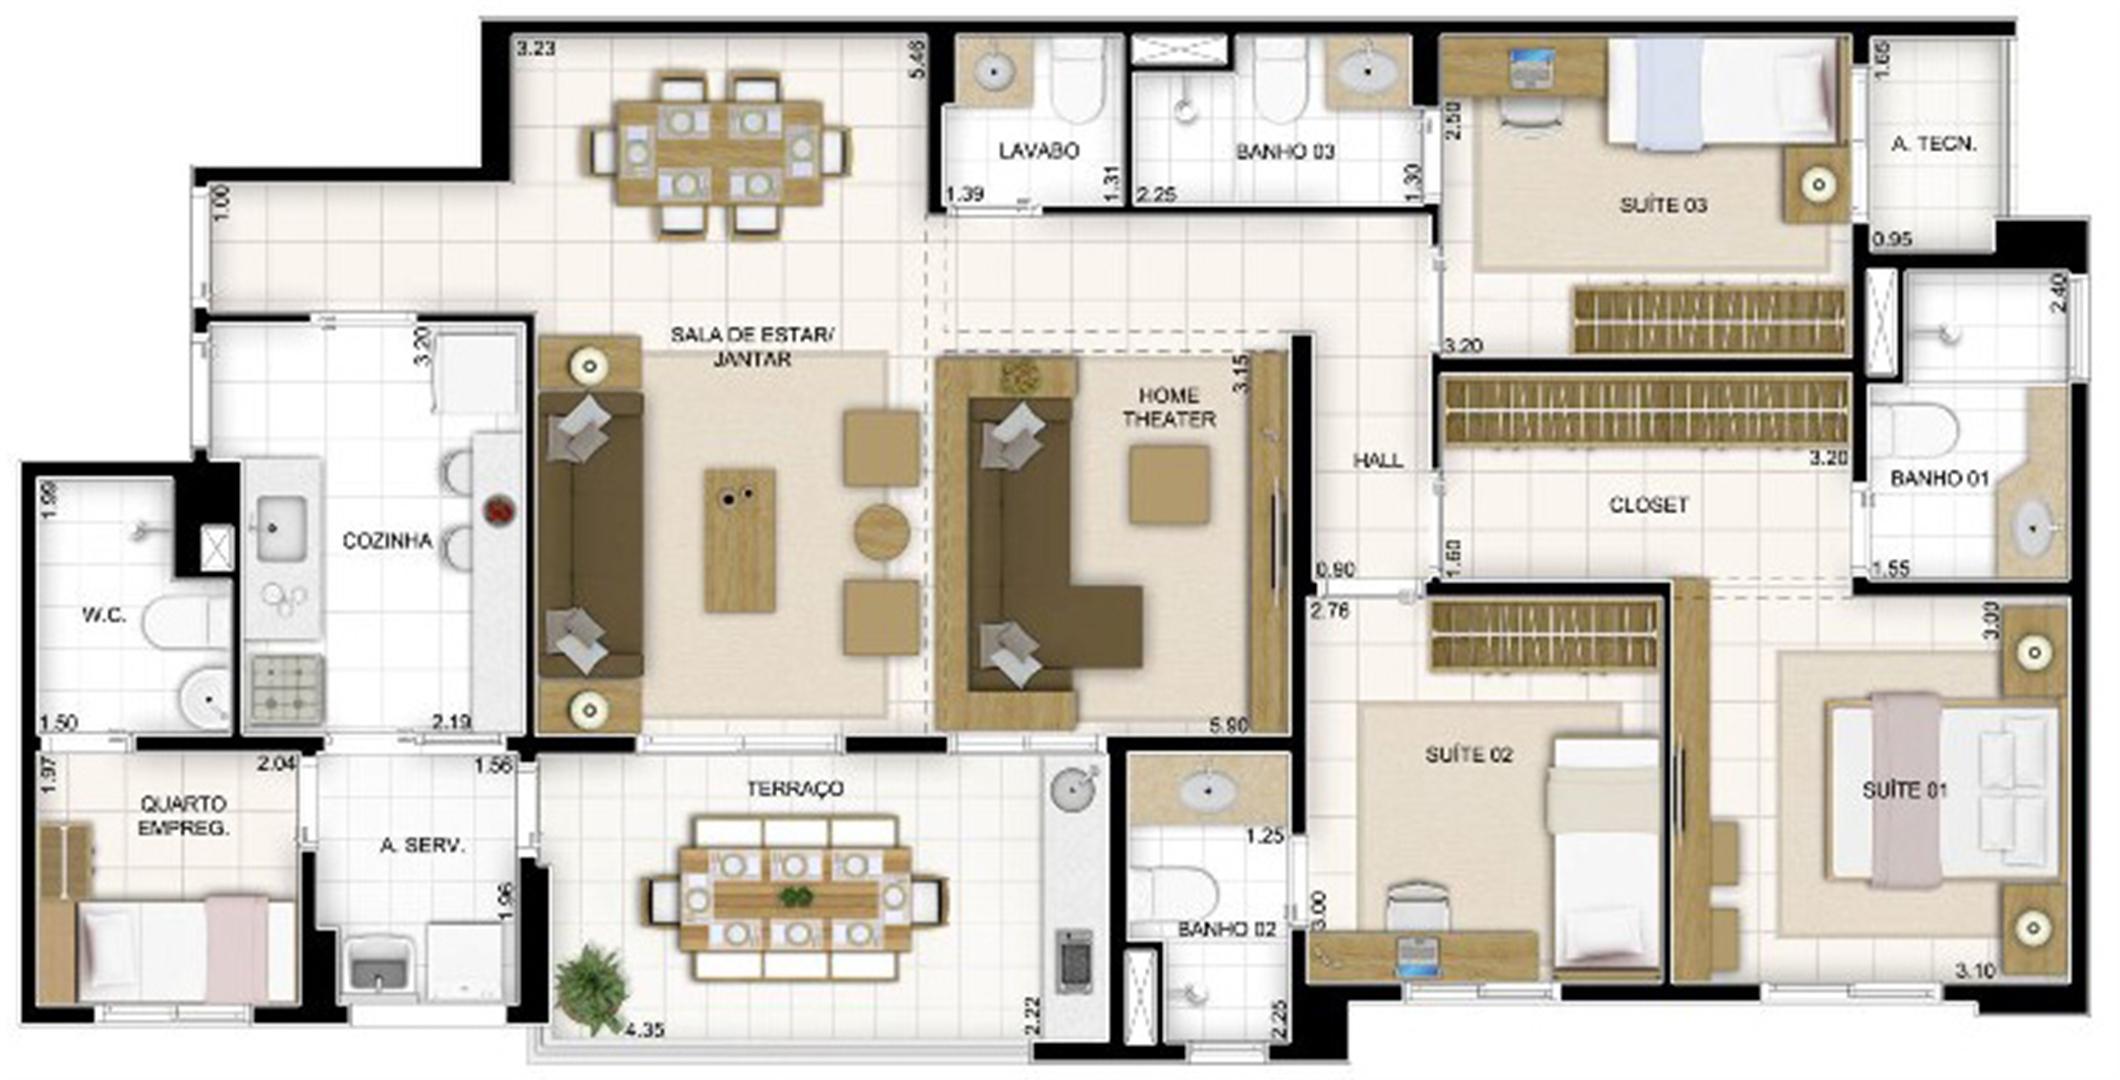 Planta 4 quartos Sala Ampliada    Quartier Lagoa Nova – Apartamento na  Lagoa Nova - Natal - Rio Grande do Norte